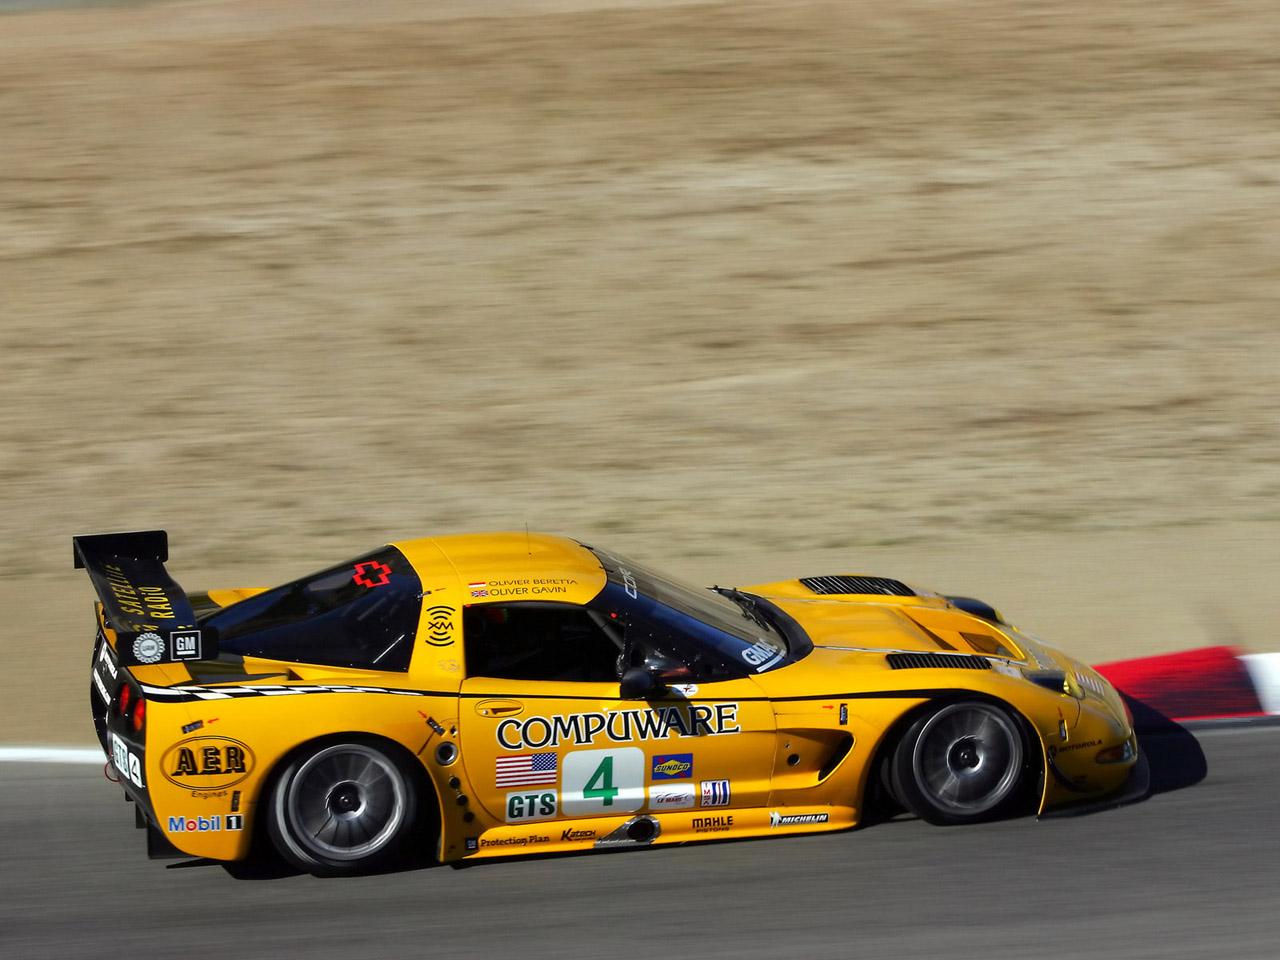 http://1.bp.blogspot.com/_QXflYLA1f4c/TQ2htQEcqII/AAAAAAAABj4/PQ8_A5Z1il4/s1600/chevrolet-corvette-c5r-07.jpg